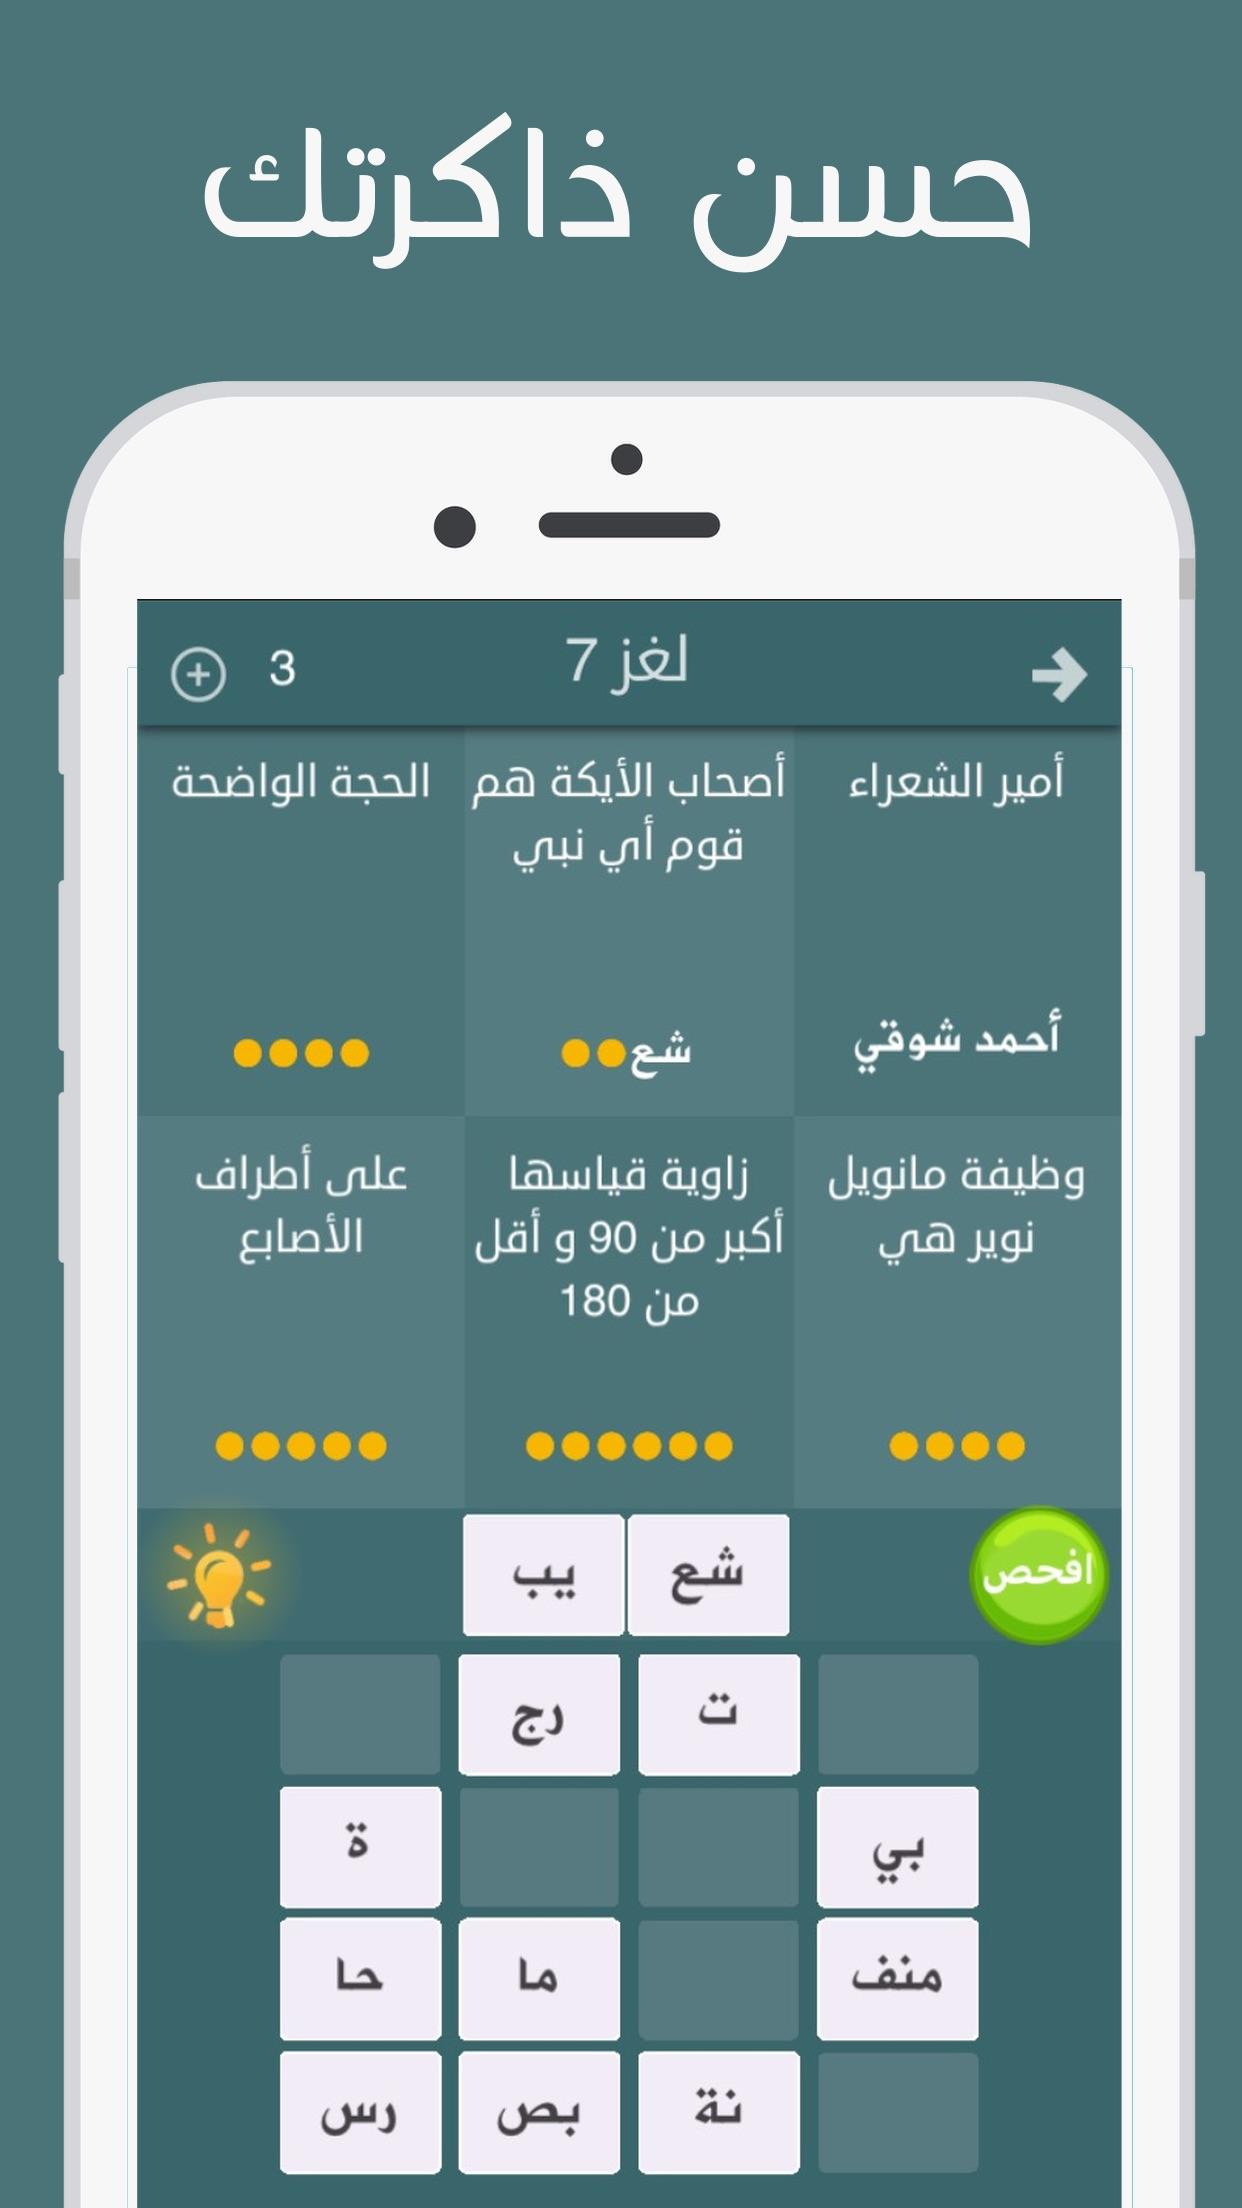 فطحل العرب لعبة معلومات عامة مميزة Screenshot